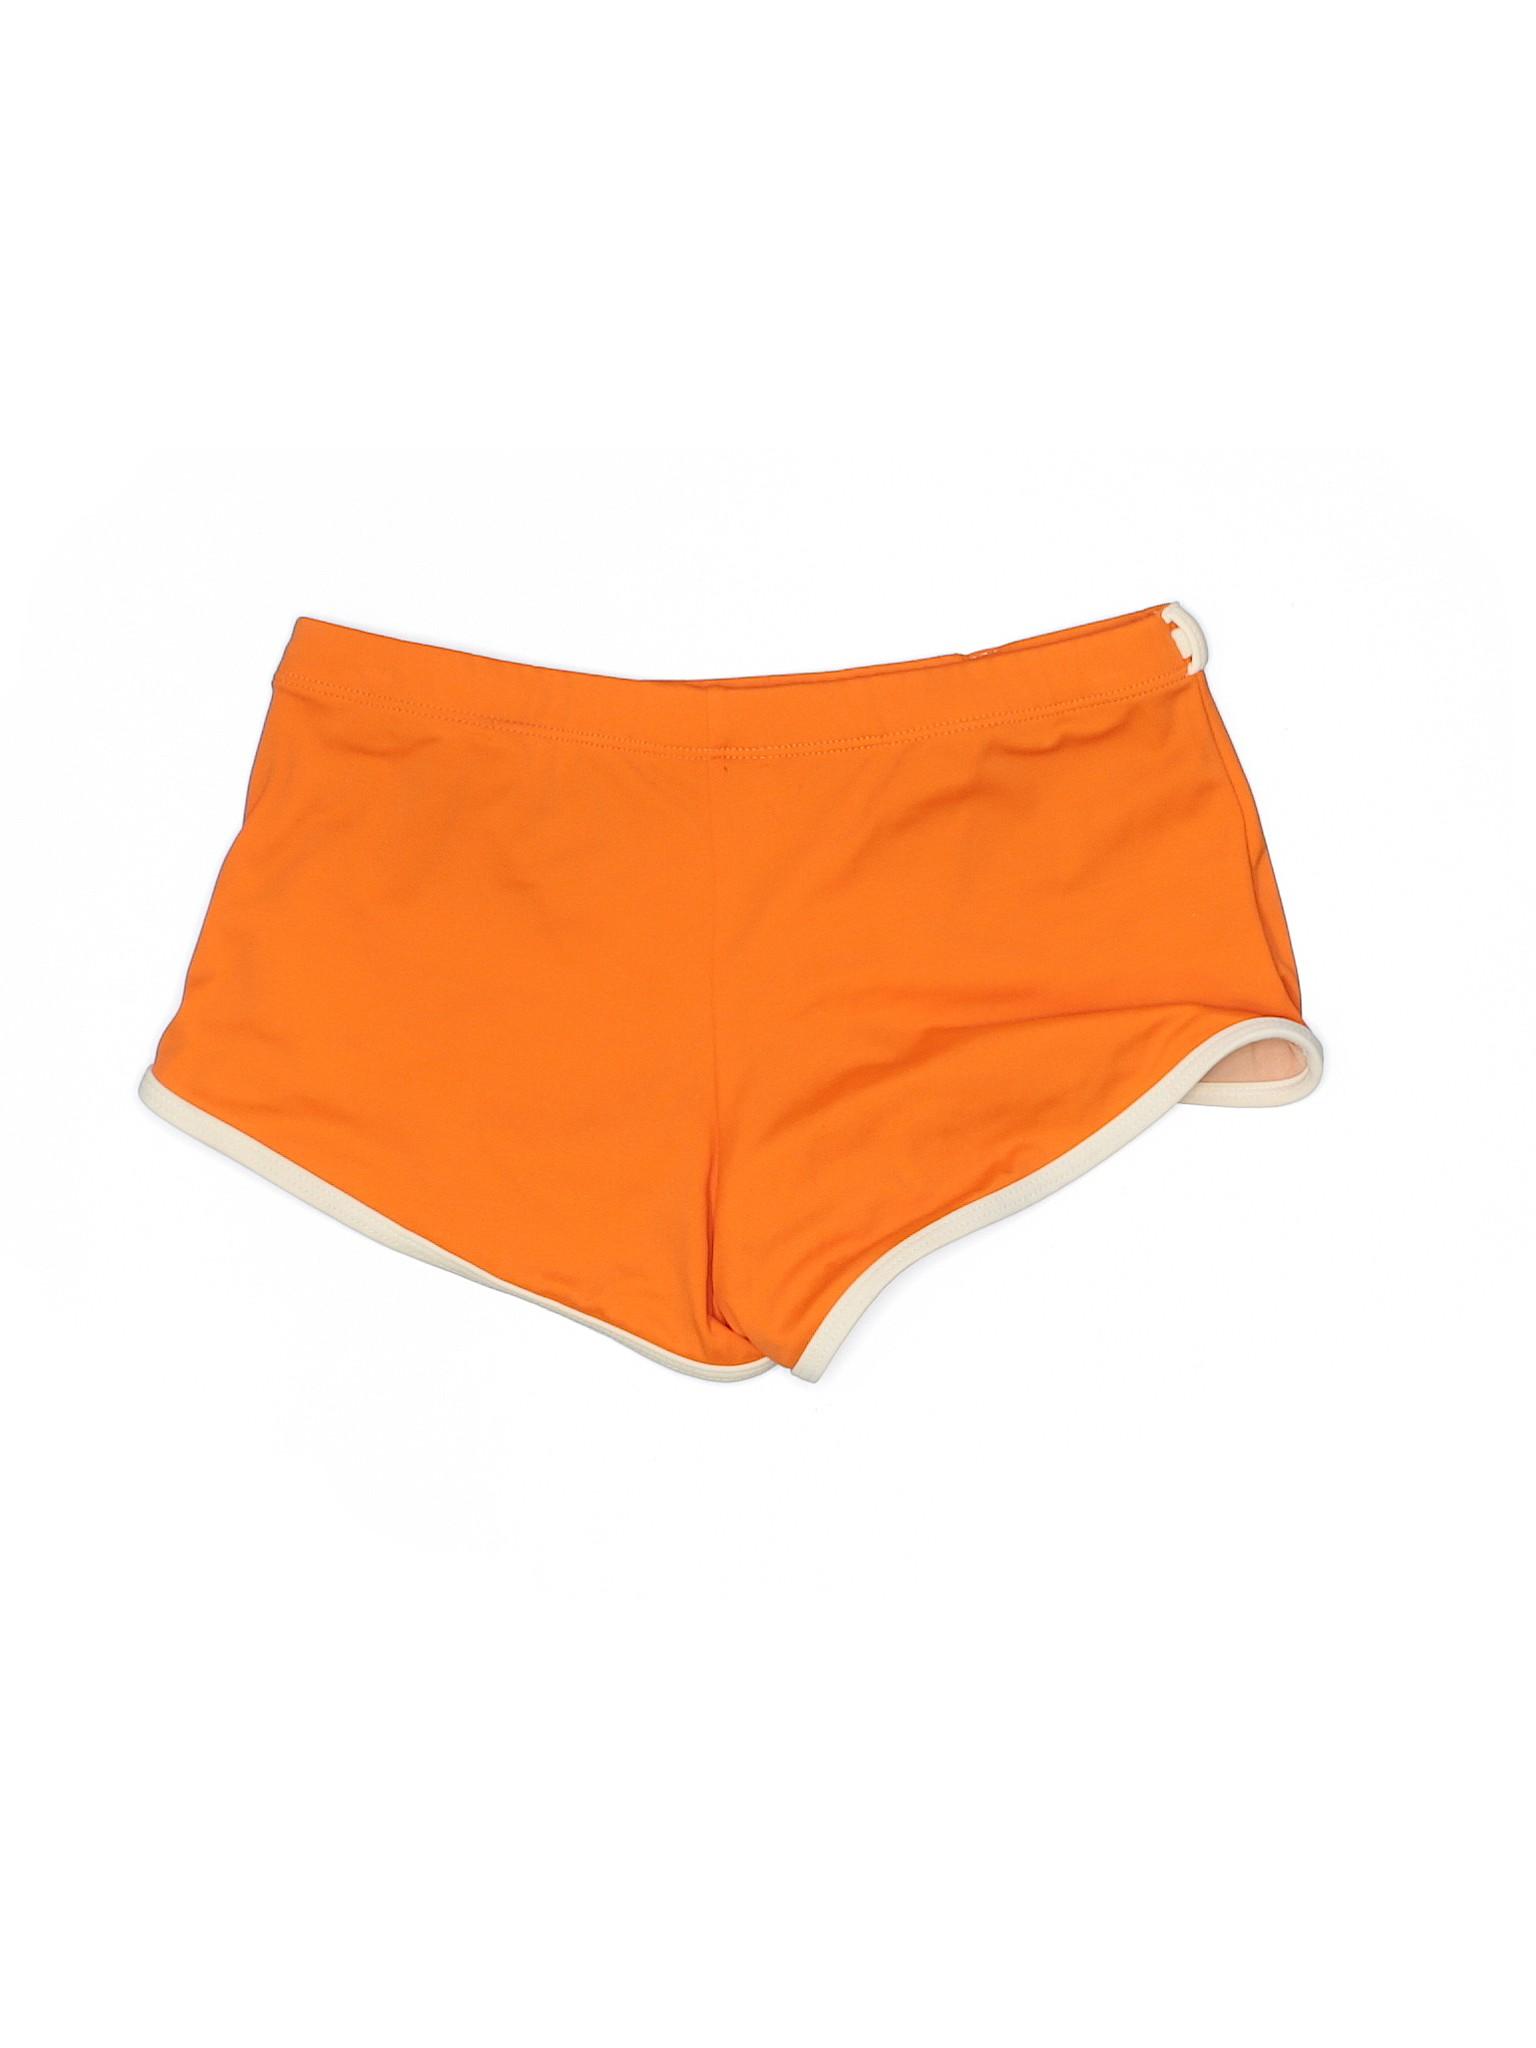 Boutique Newport Boutique Newport News Shorts wSZ1wqH